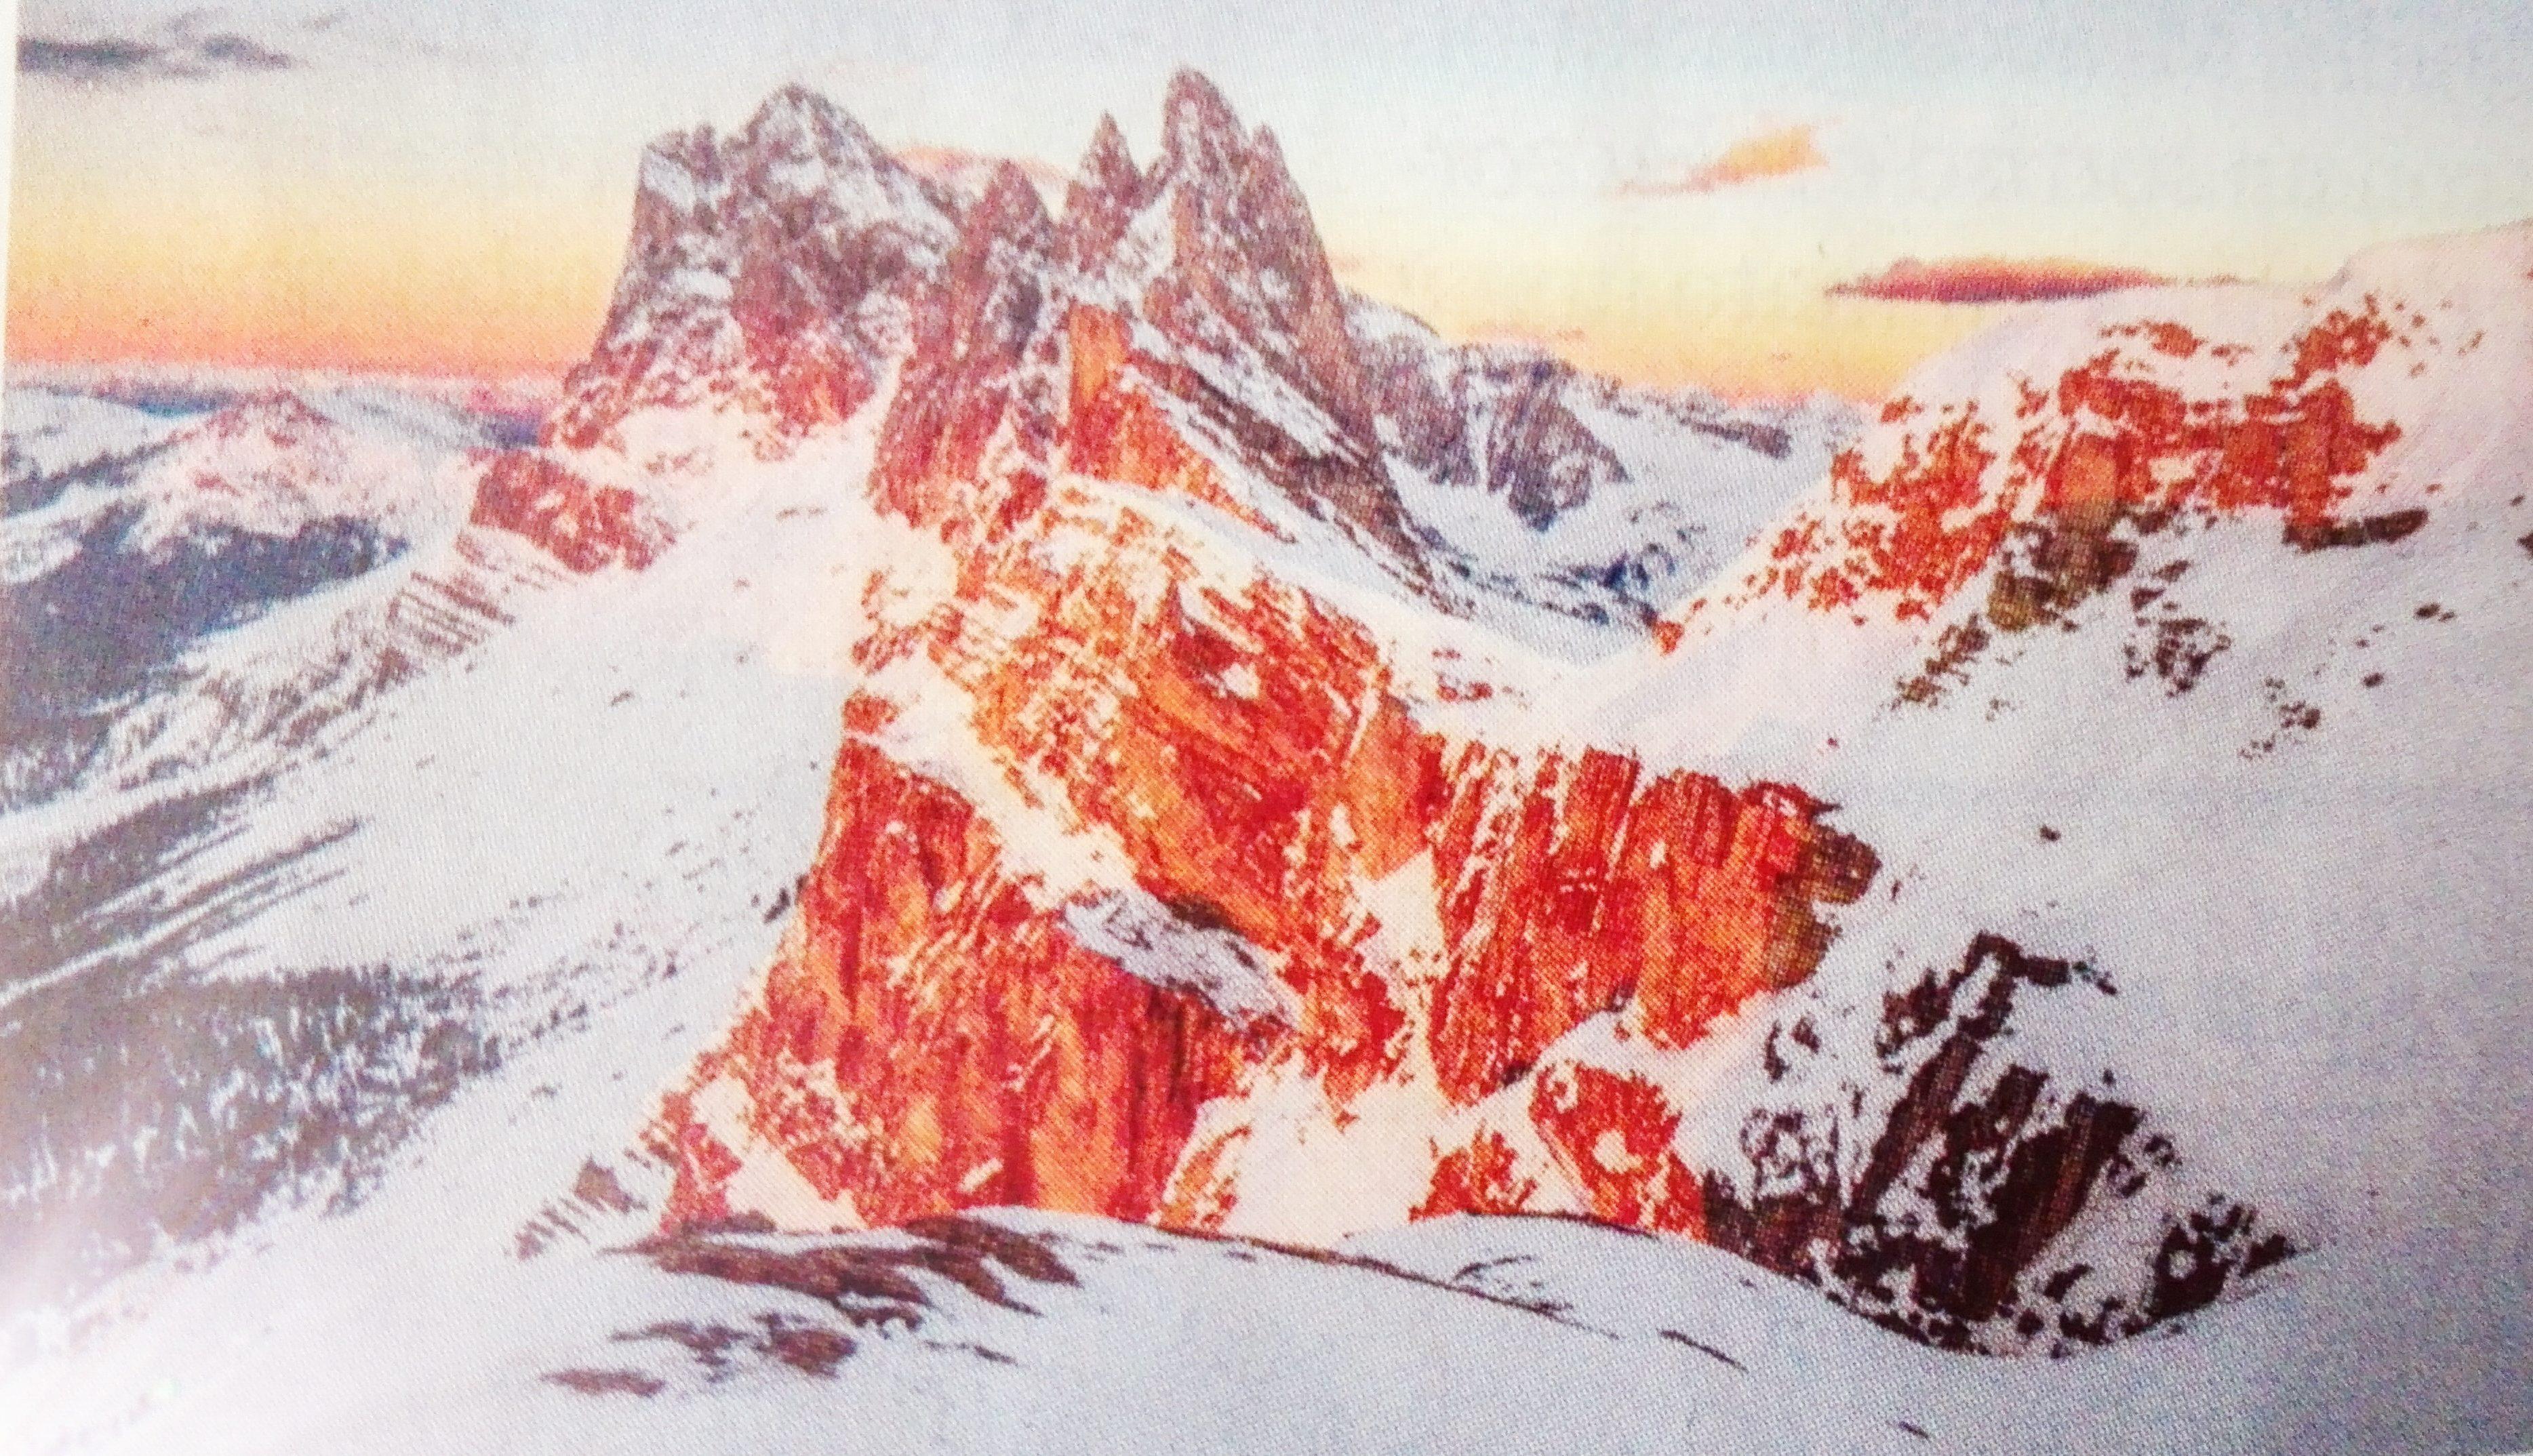 Cucine Usate Trentino Alto Adige.Vacanza Neve Trentino Alto Adige Da San Martino Di